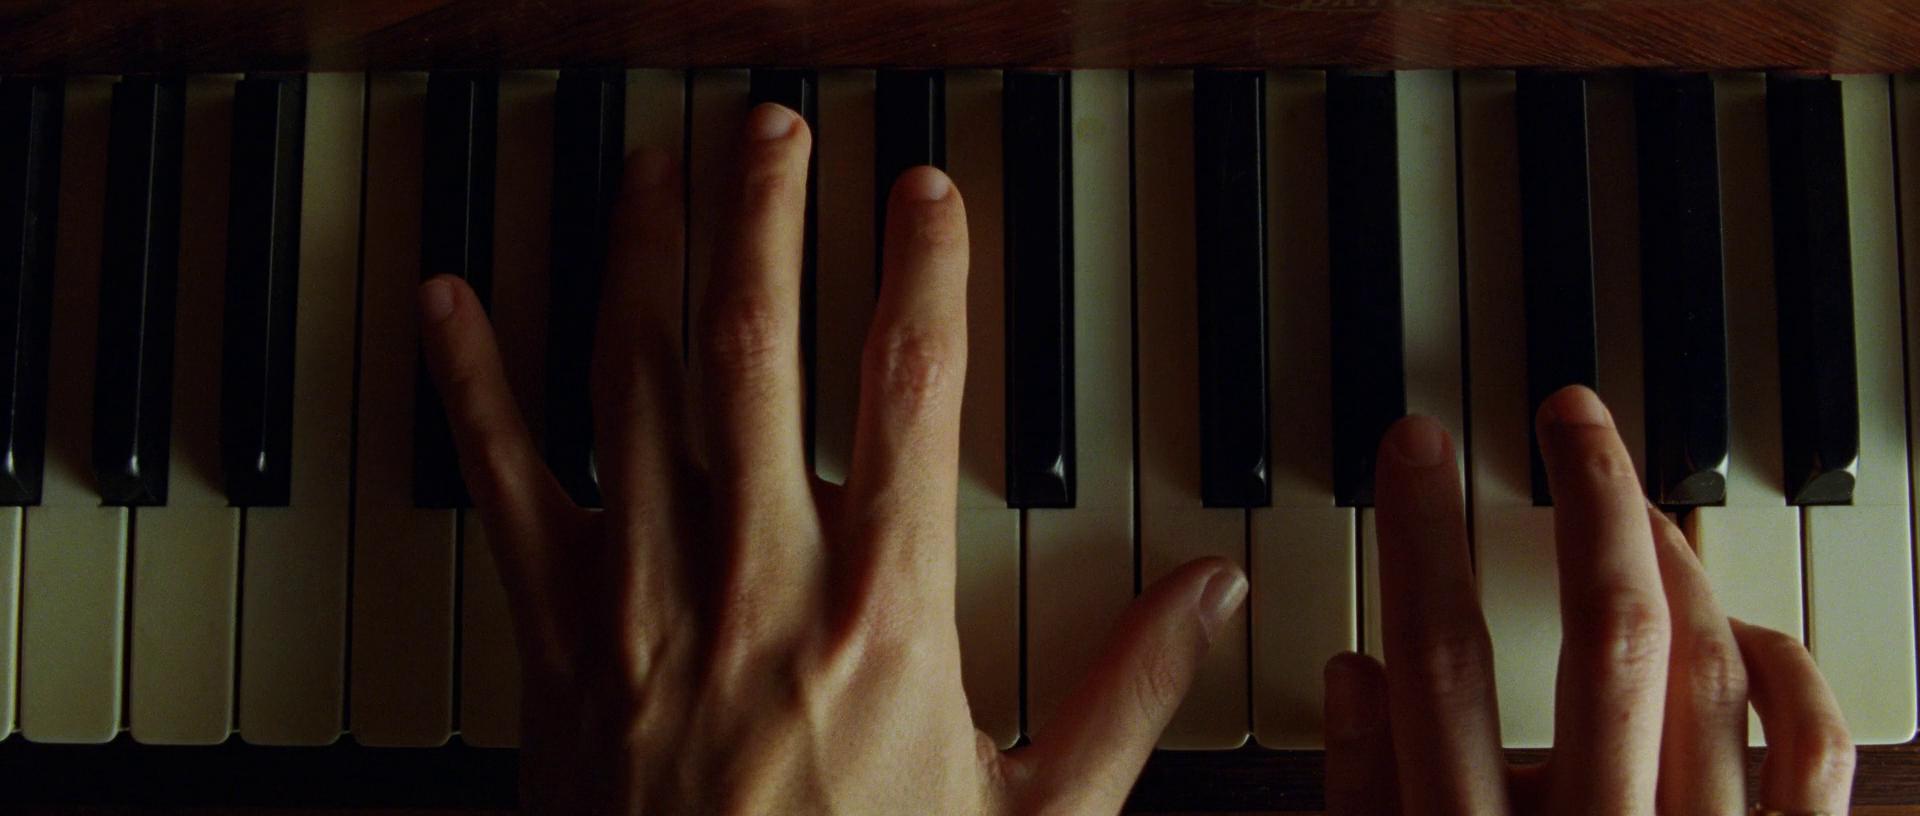 Секс на пианино мужчина послушал 7 фотография